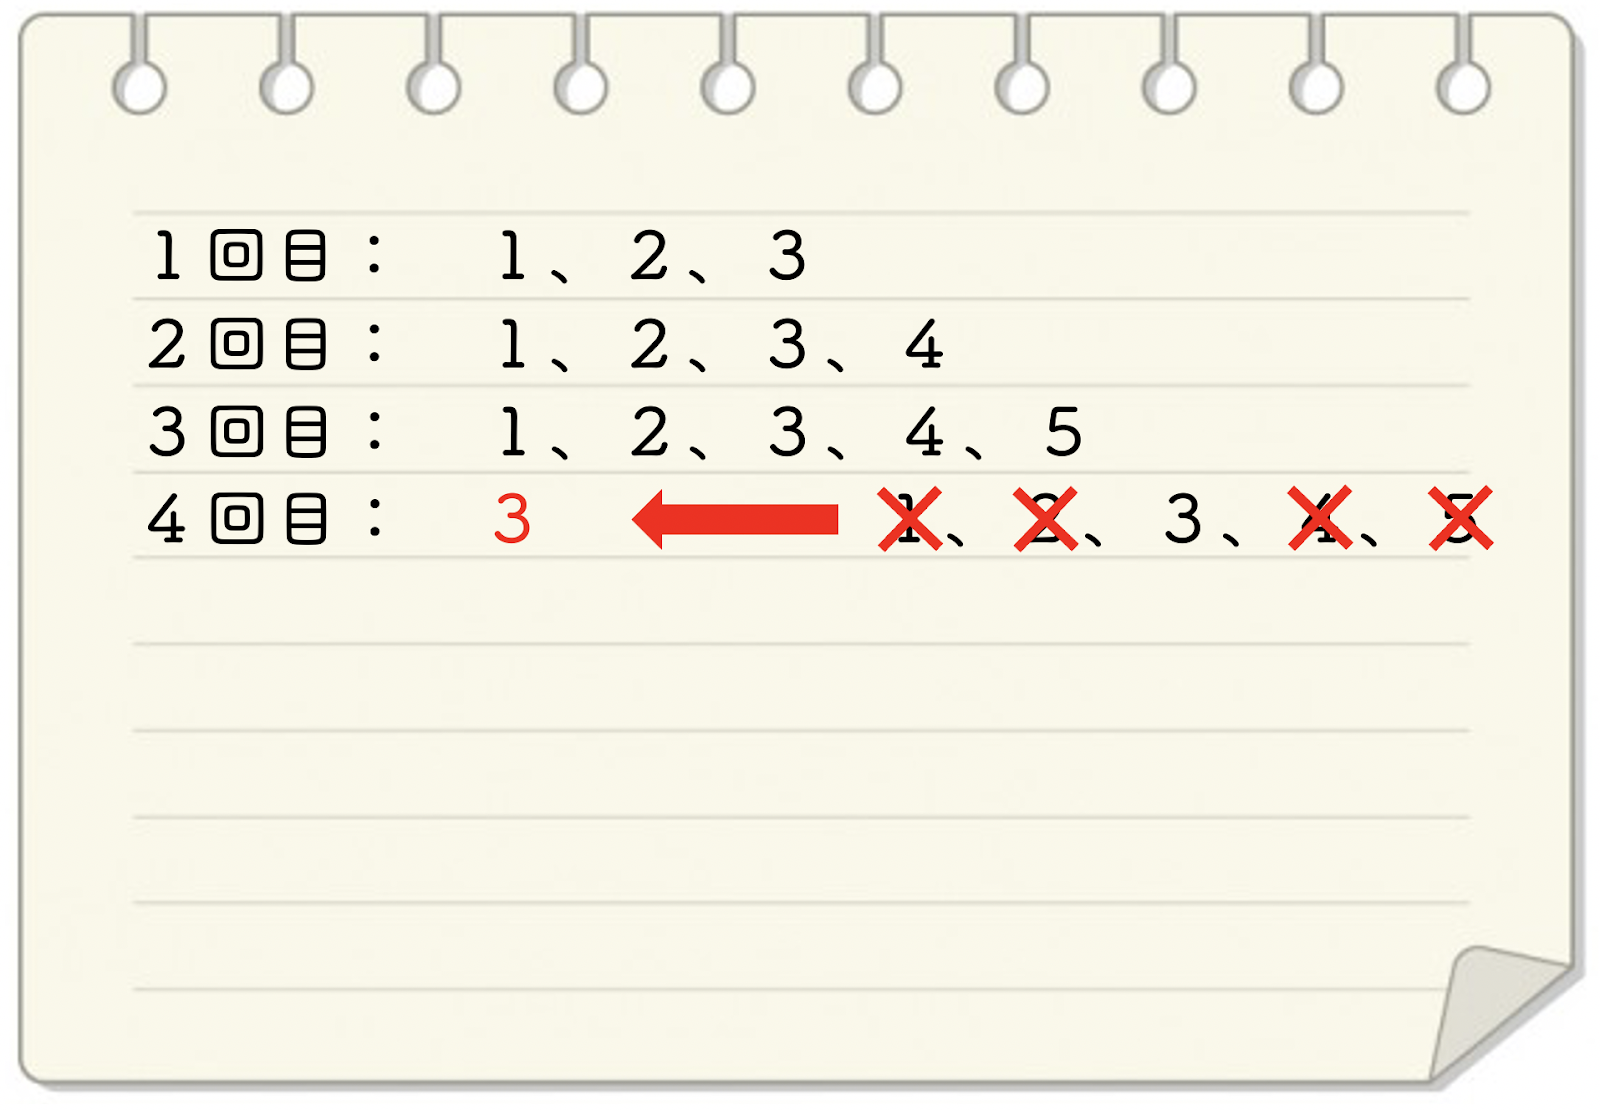 カレンダー が含まれている画像  自動的に生成された説明